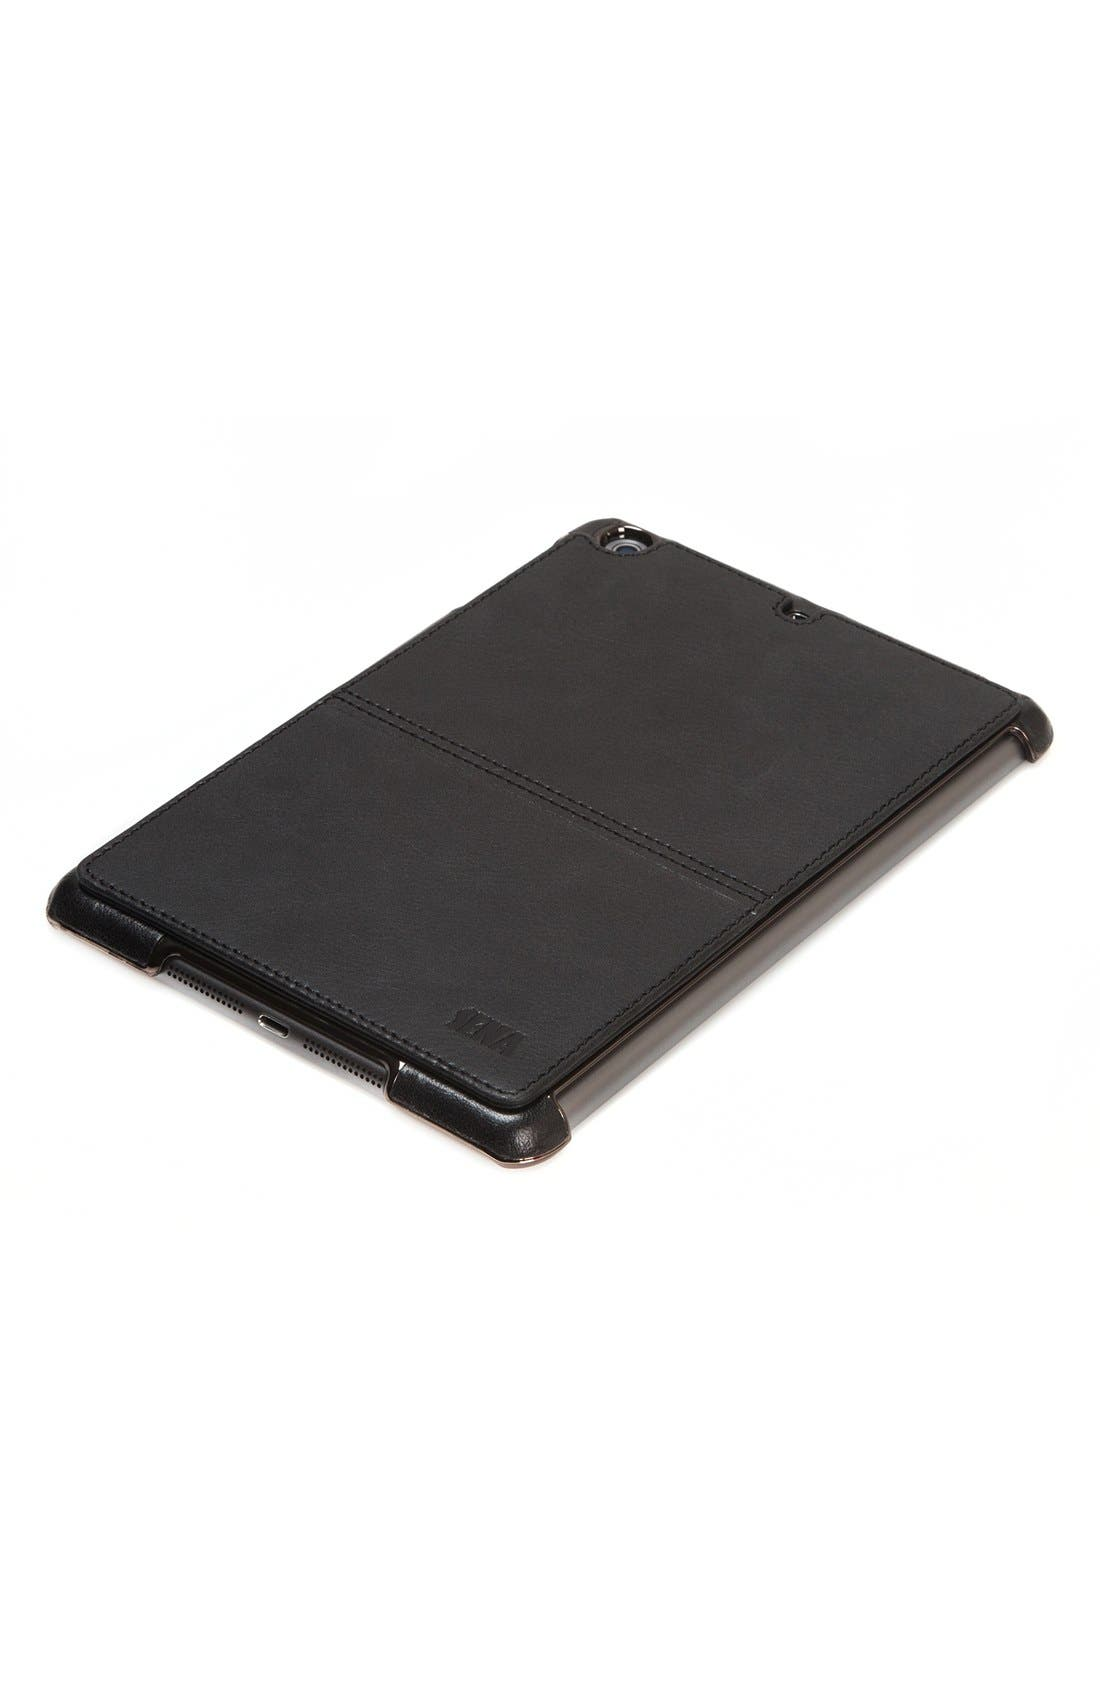 Alternate Image 1 Selected - Sena 'Heritage' iPad mini Stand